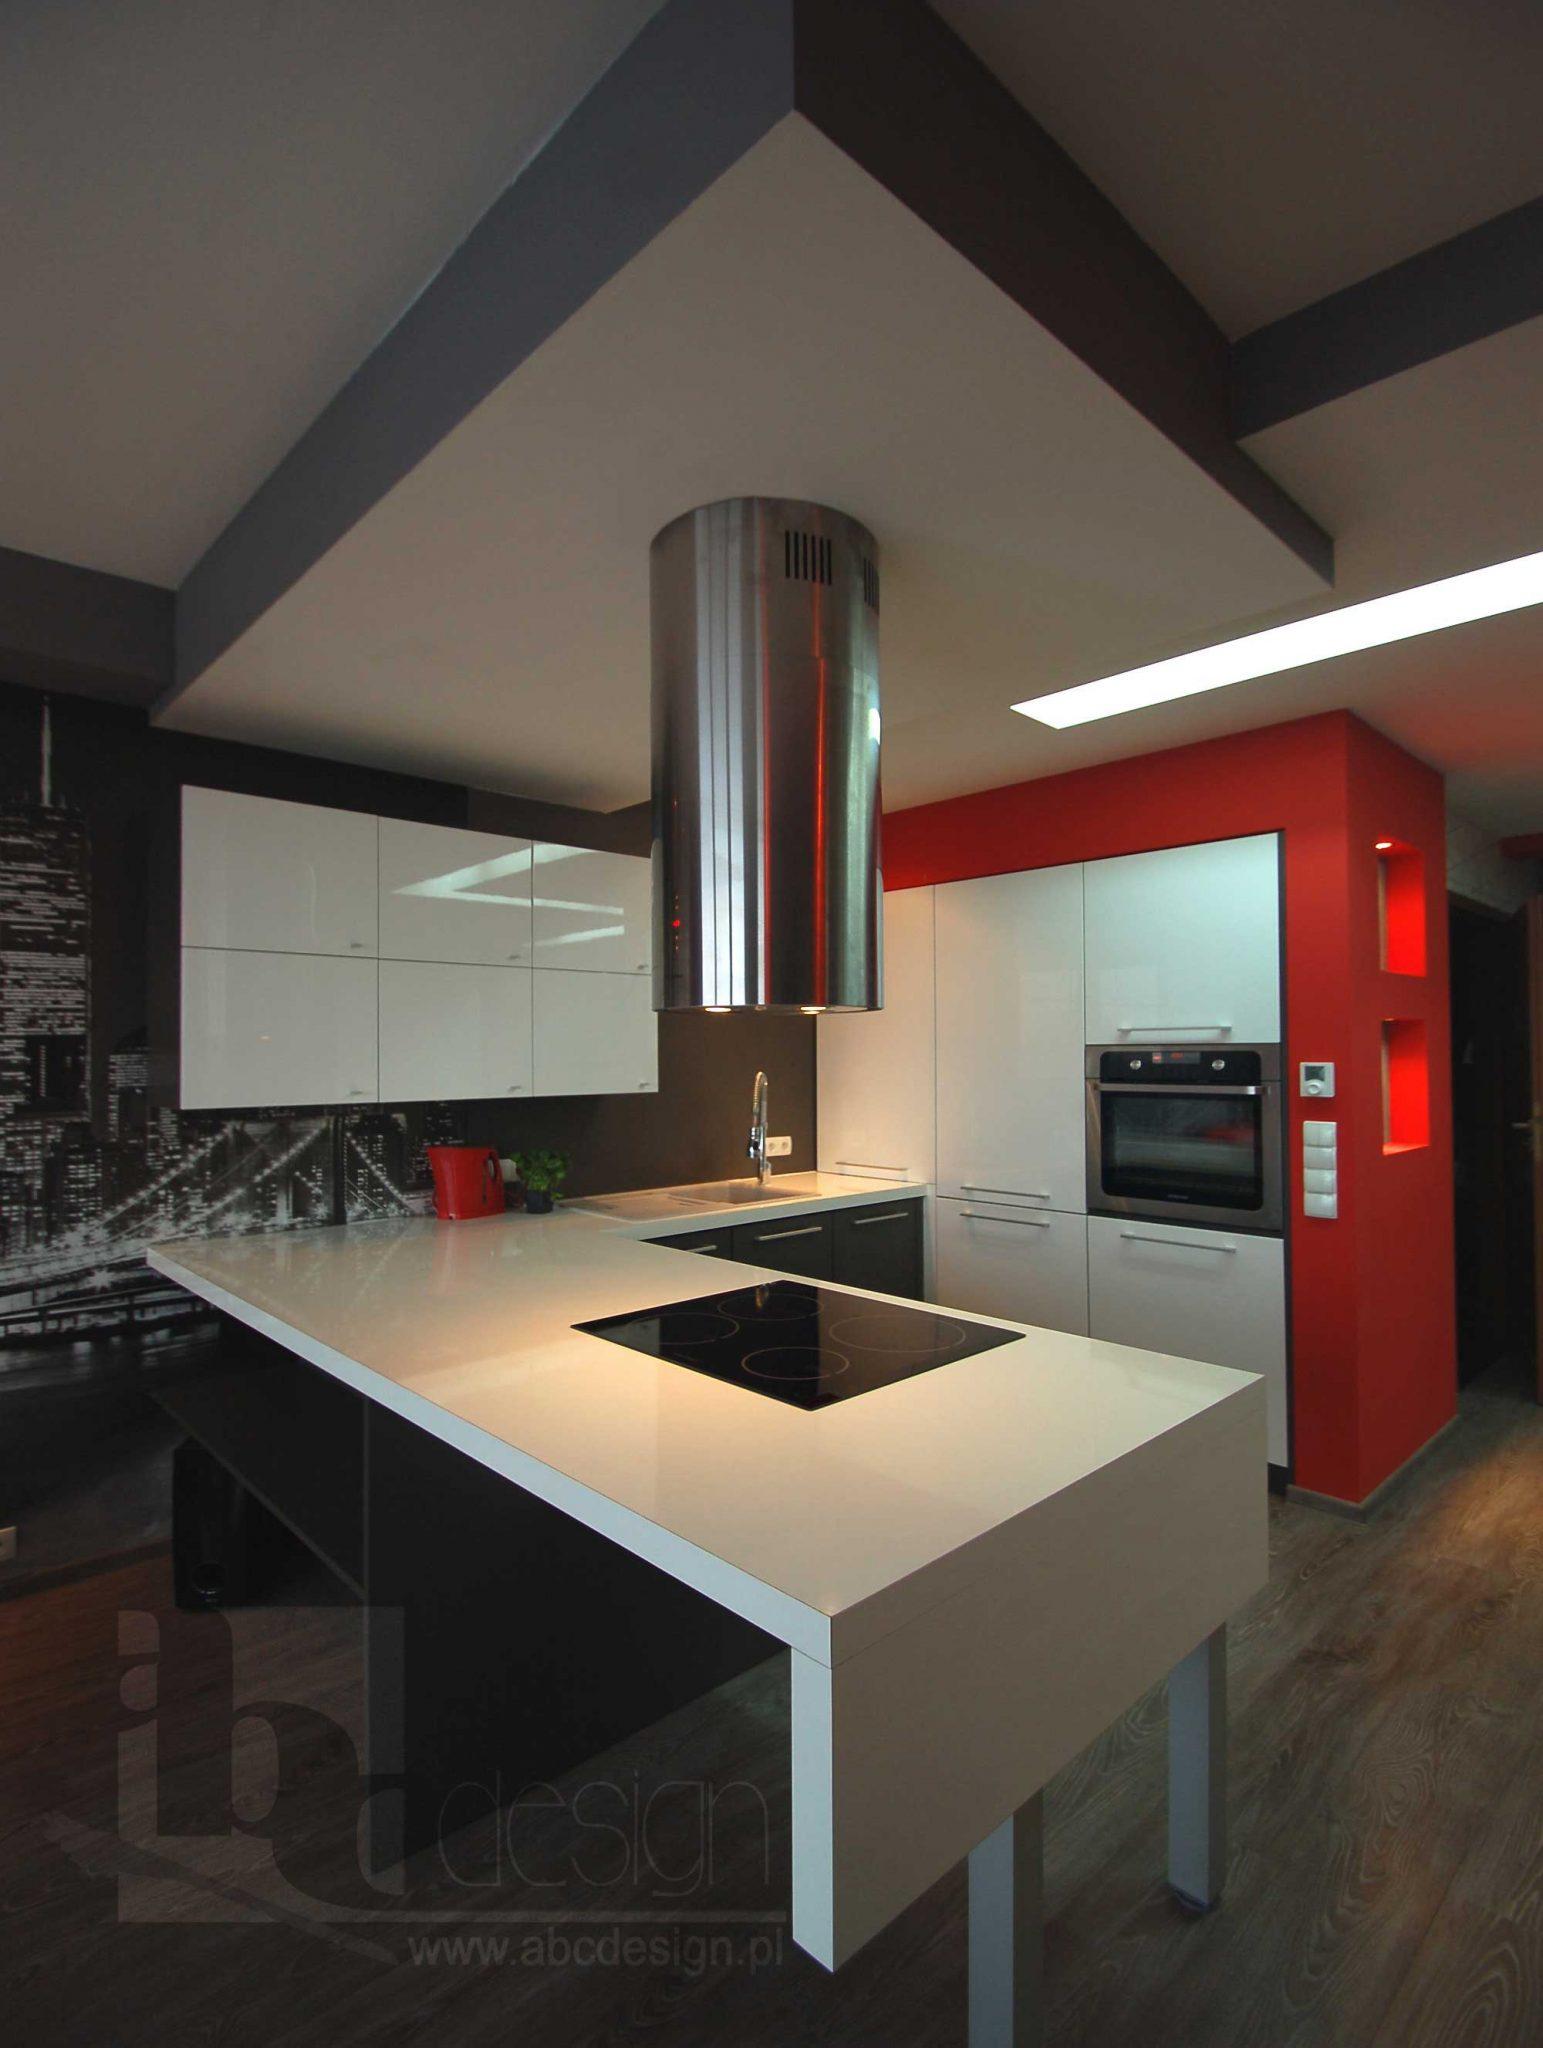 nowoczesna-kuchnia-grafit-i-czerwien-(4)